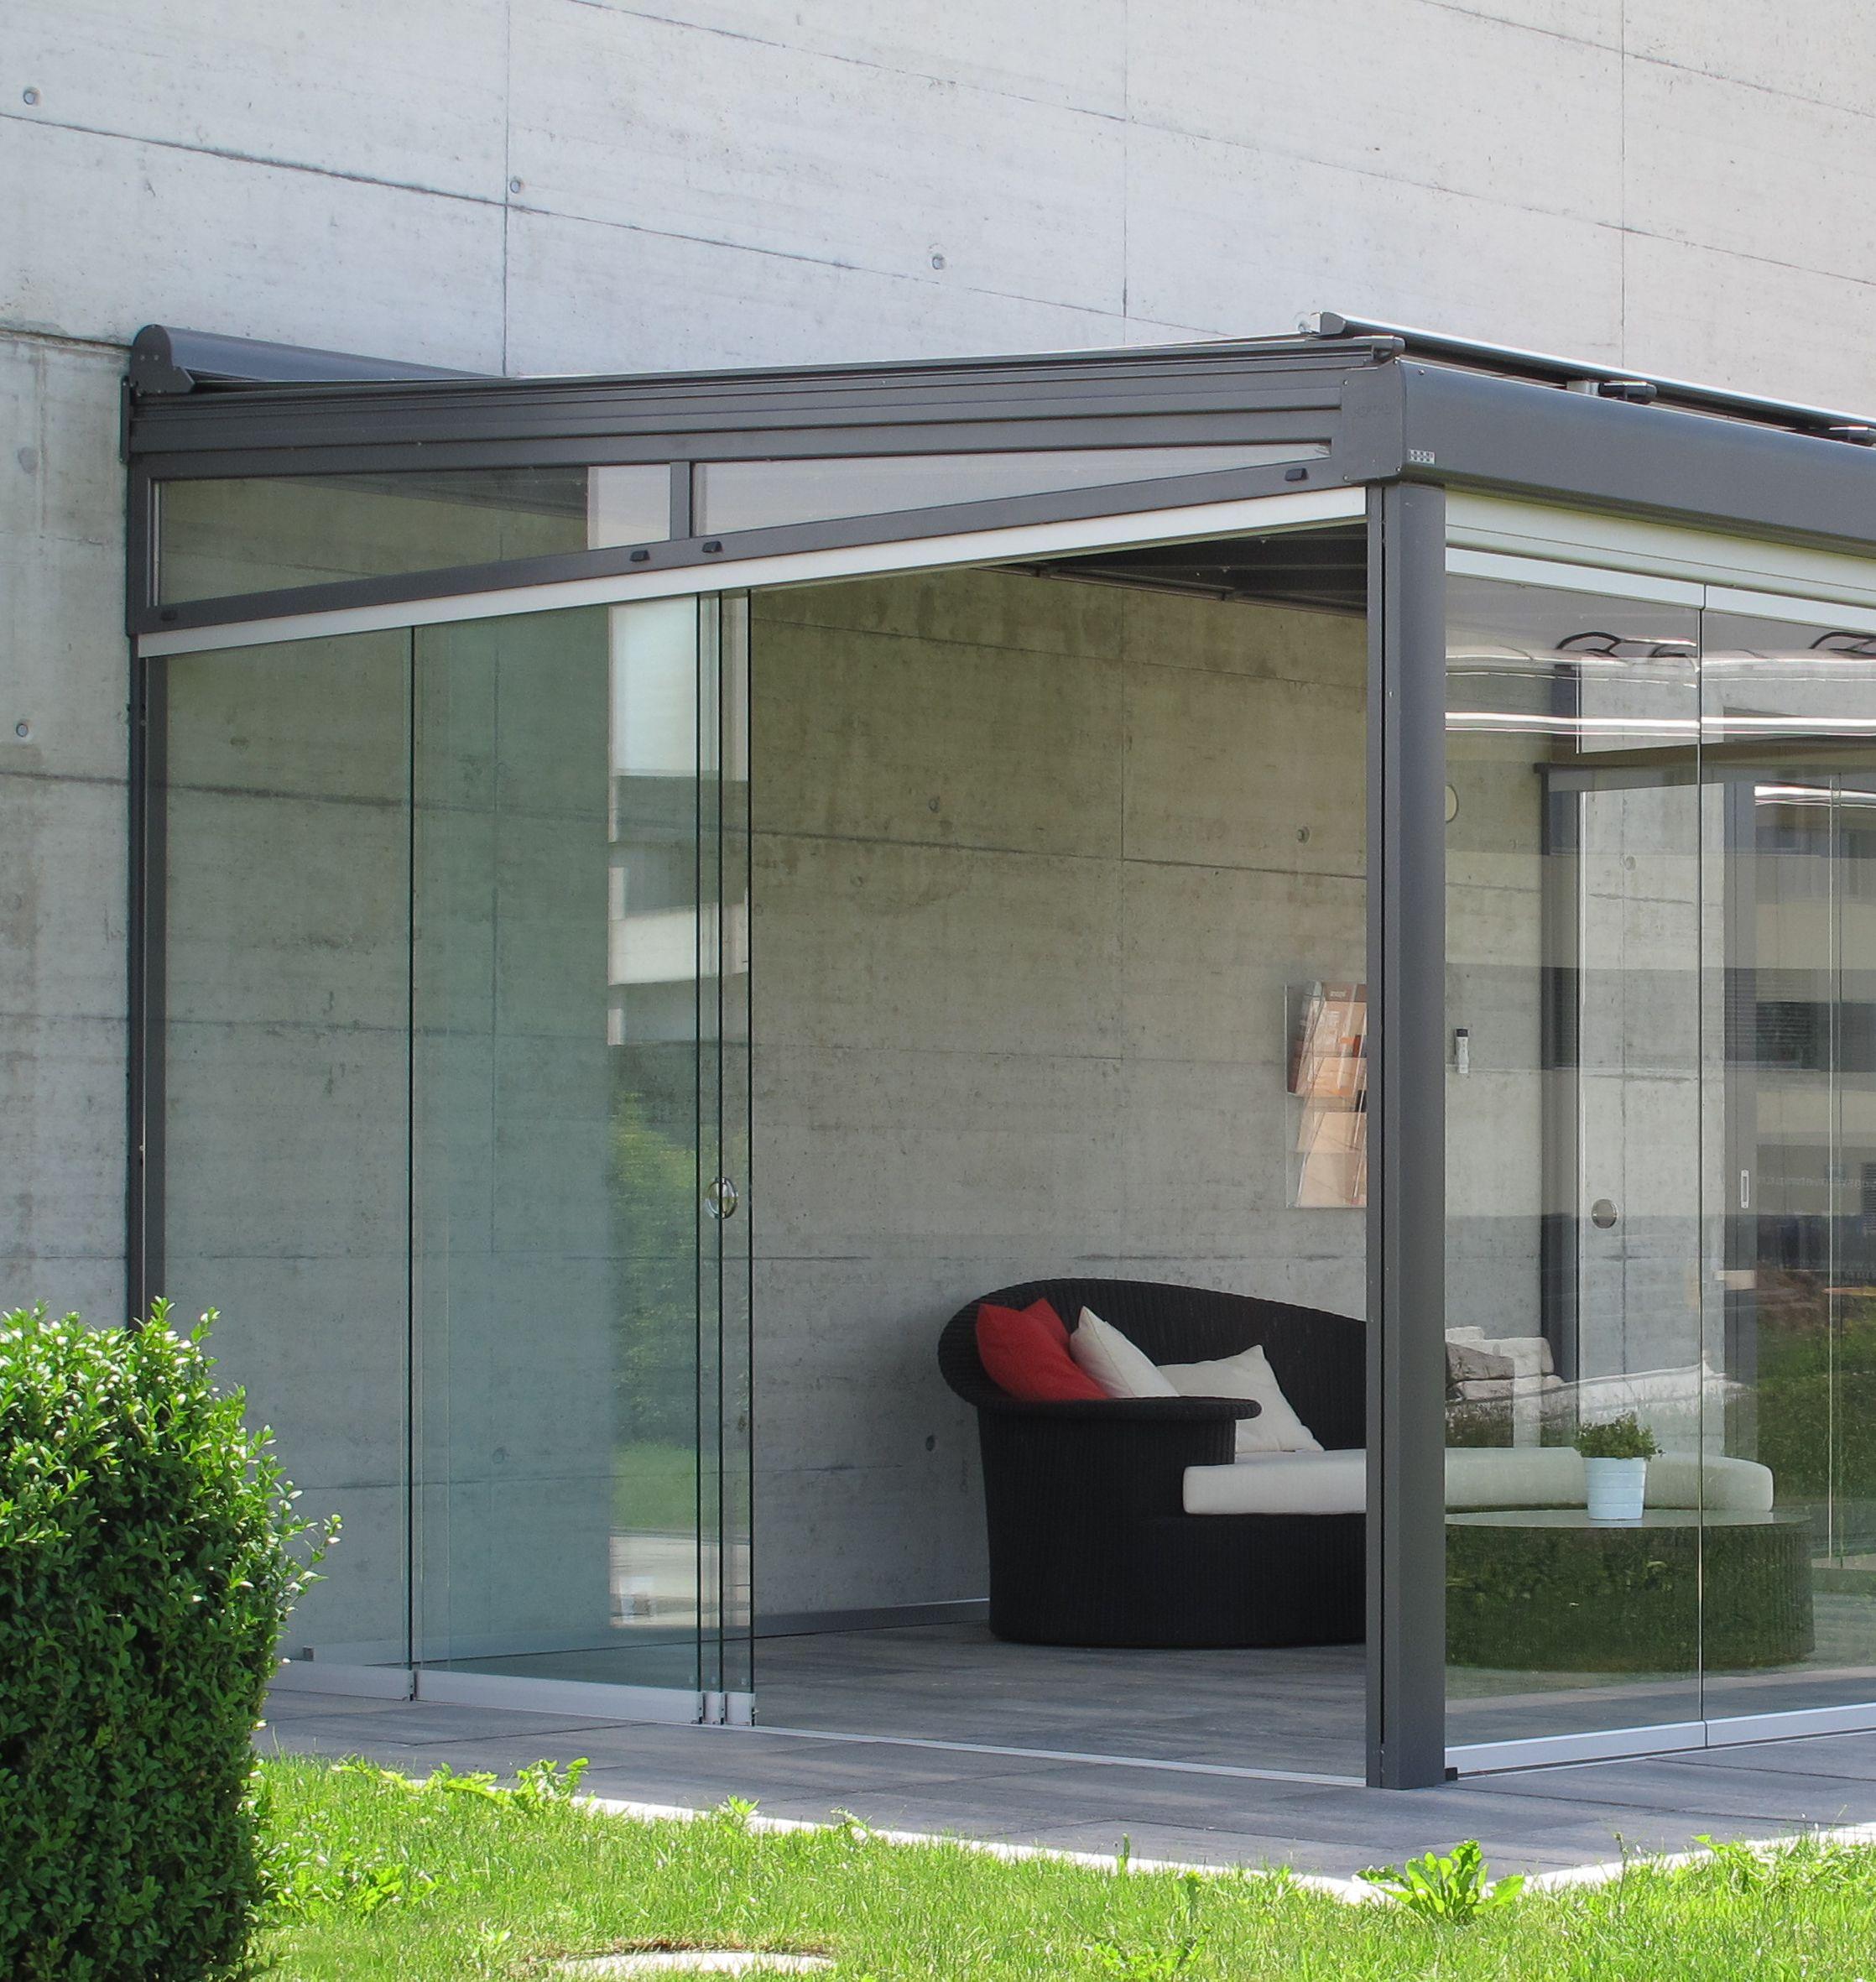 die ganzglasoase f r den garten das terrassendach. Black Bedroom Furniture Sets. Home Design Ideas